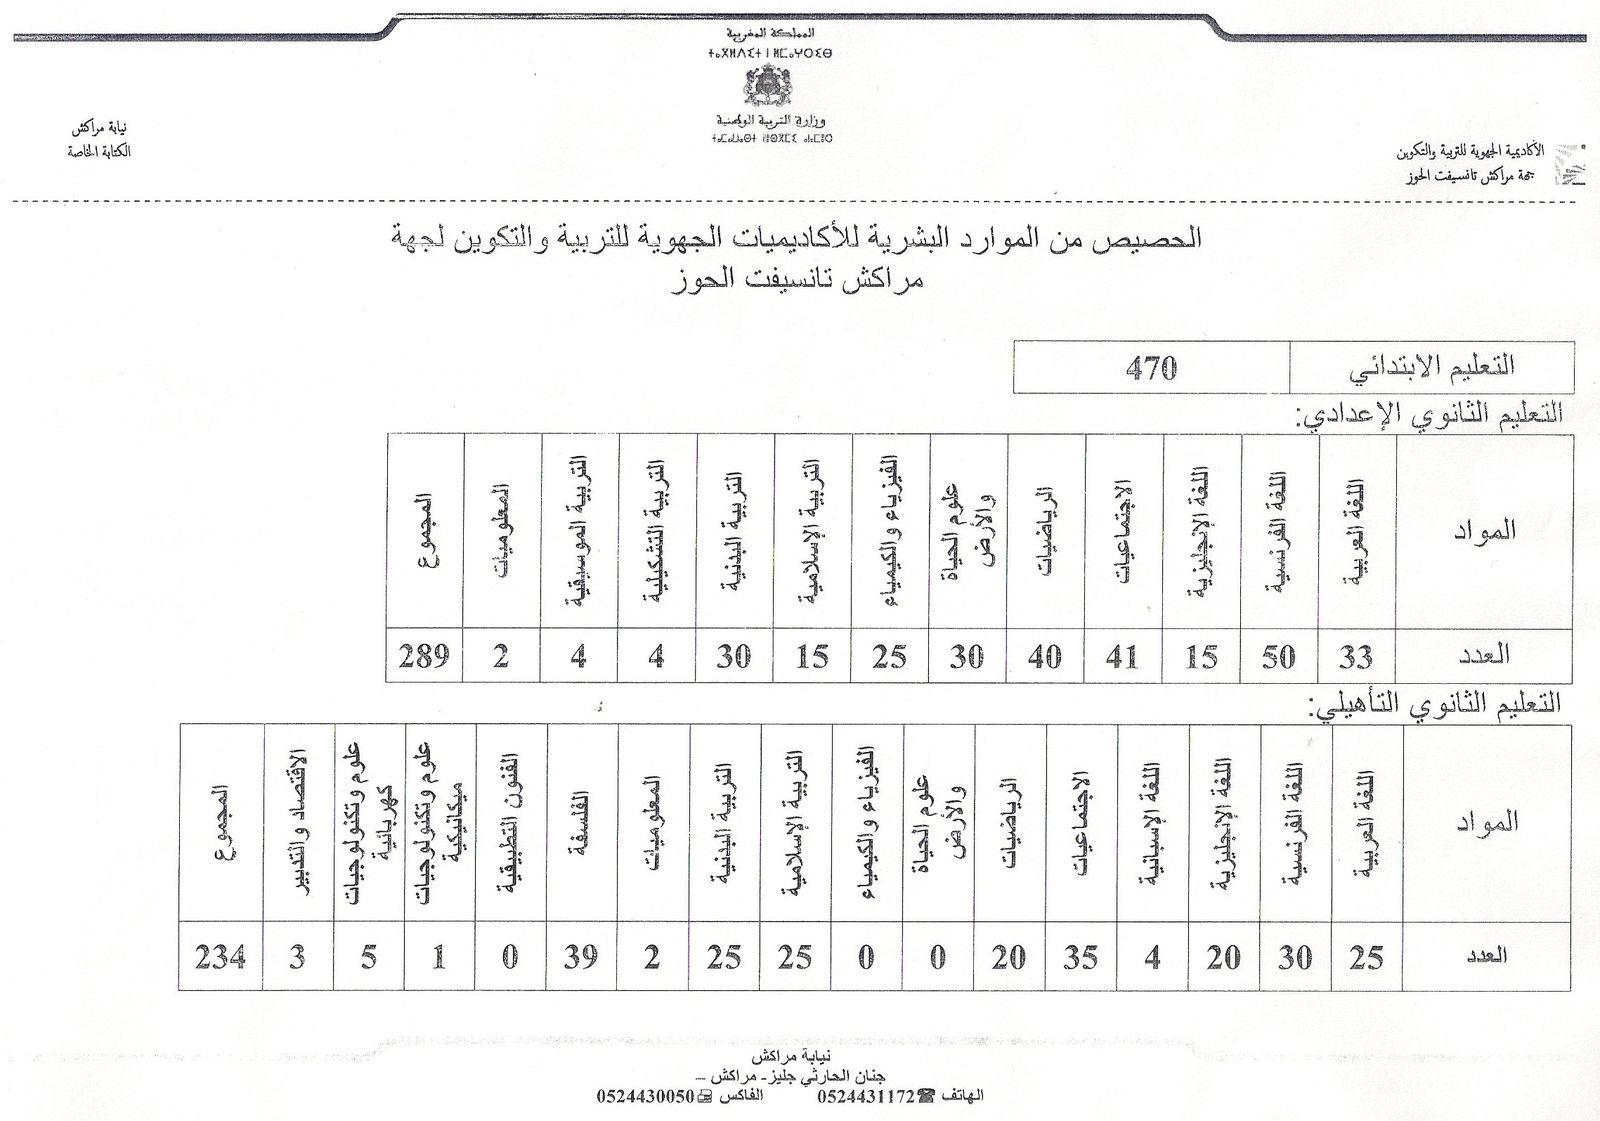 الحركة المحلية 2013 نيابة مراكش